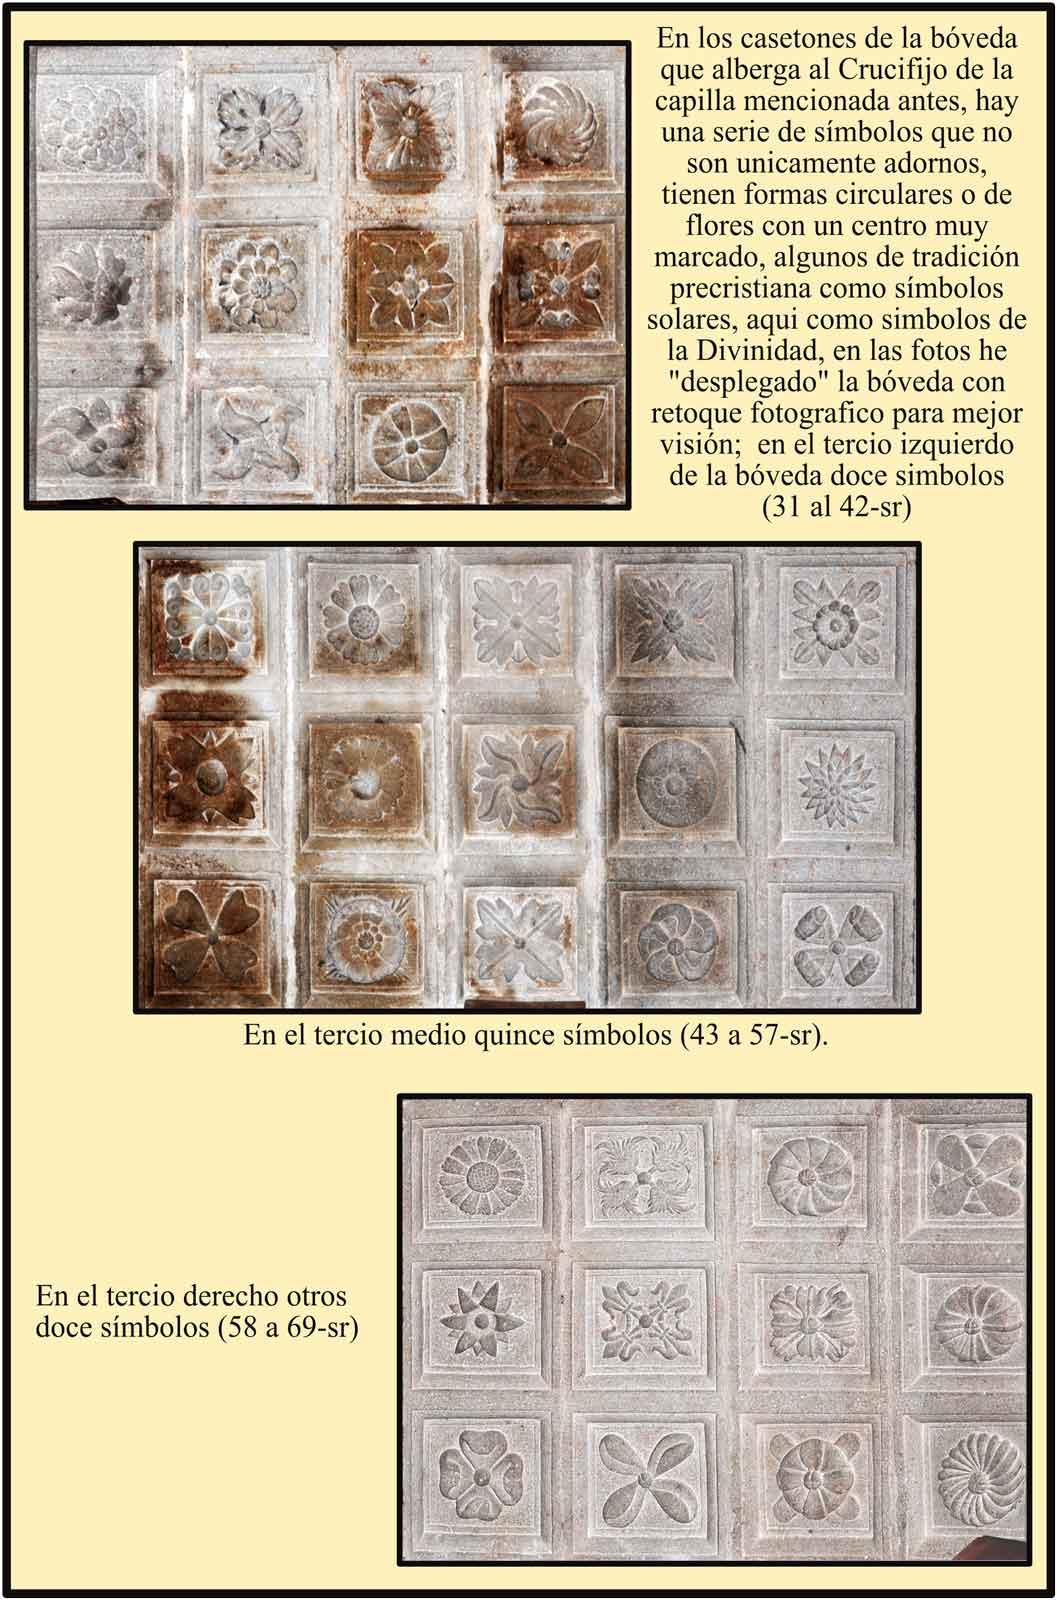 Simbolos Solares y Flores que representan a la Divinidad